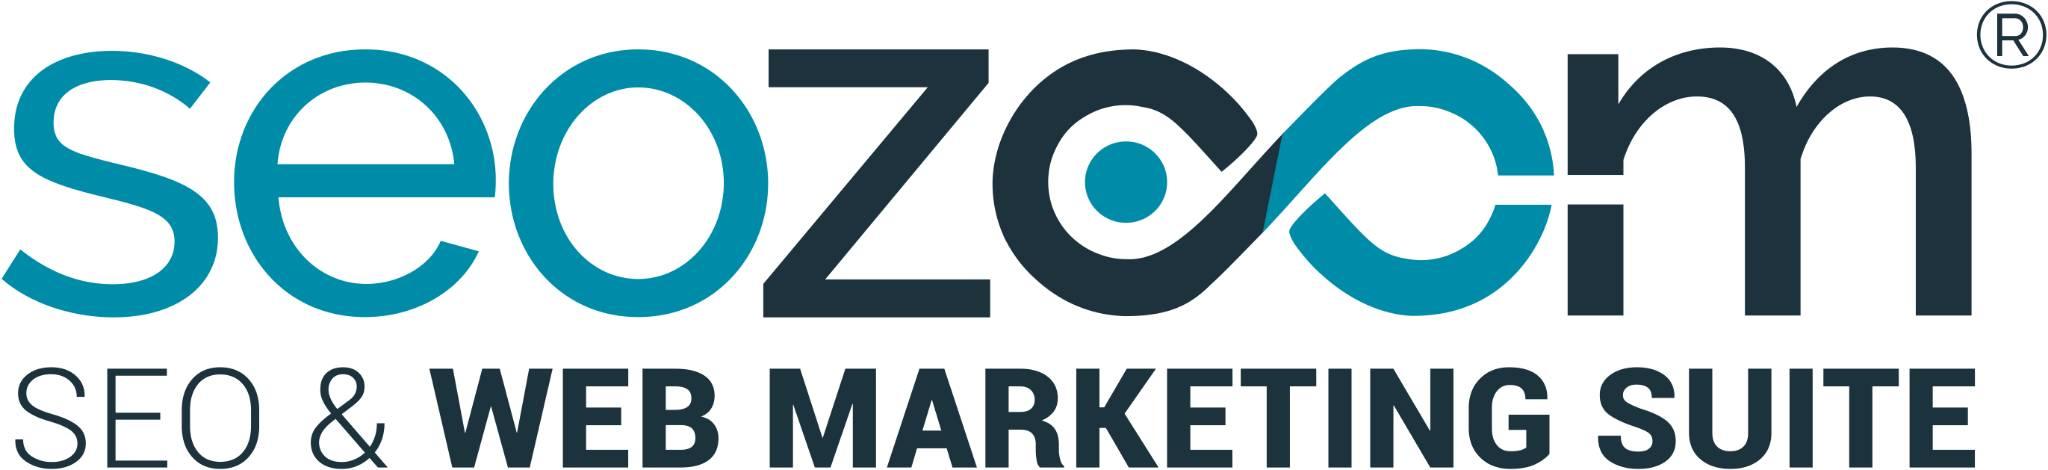 SEOZoom_Voce alle aziende